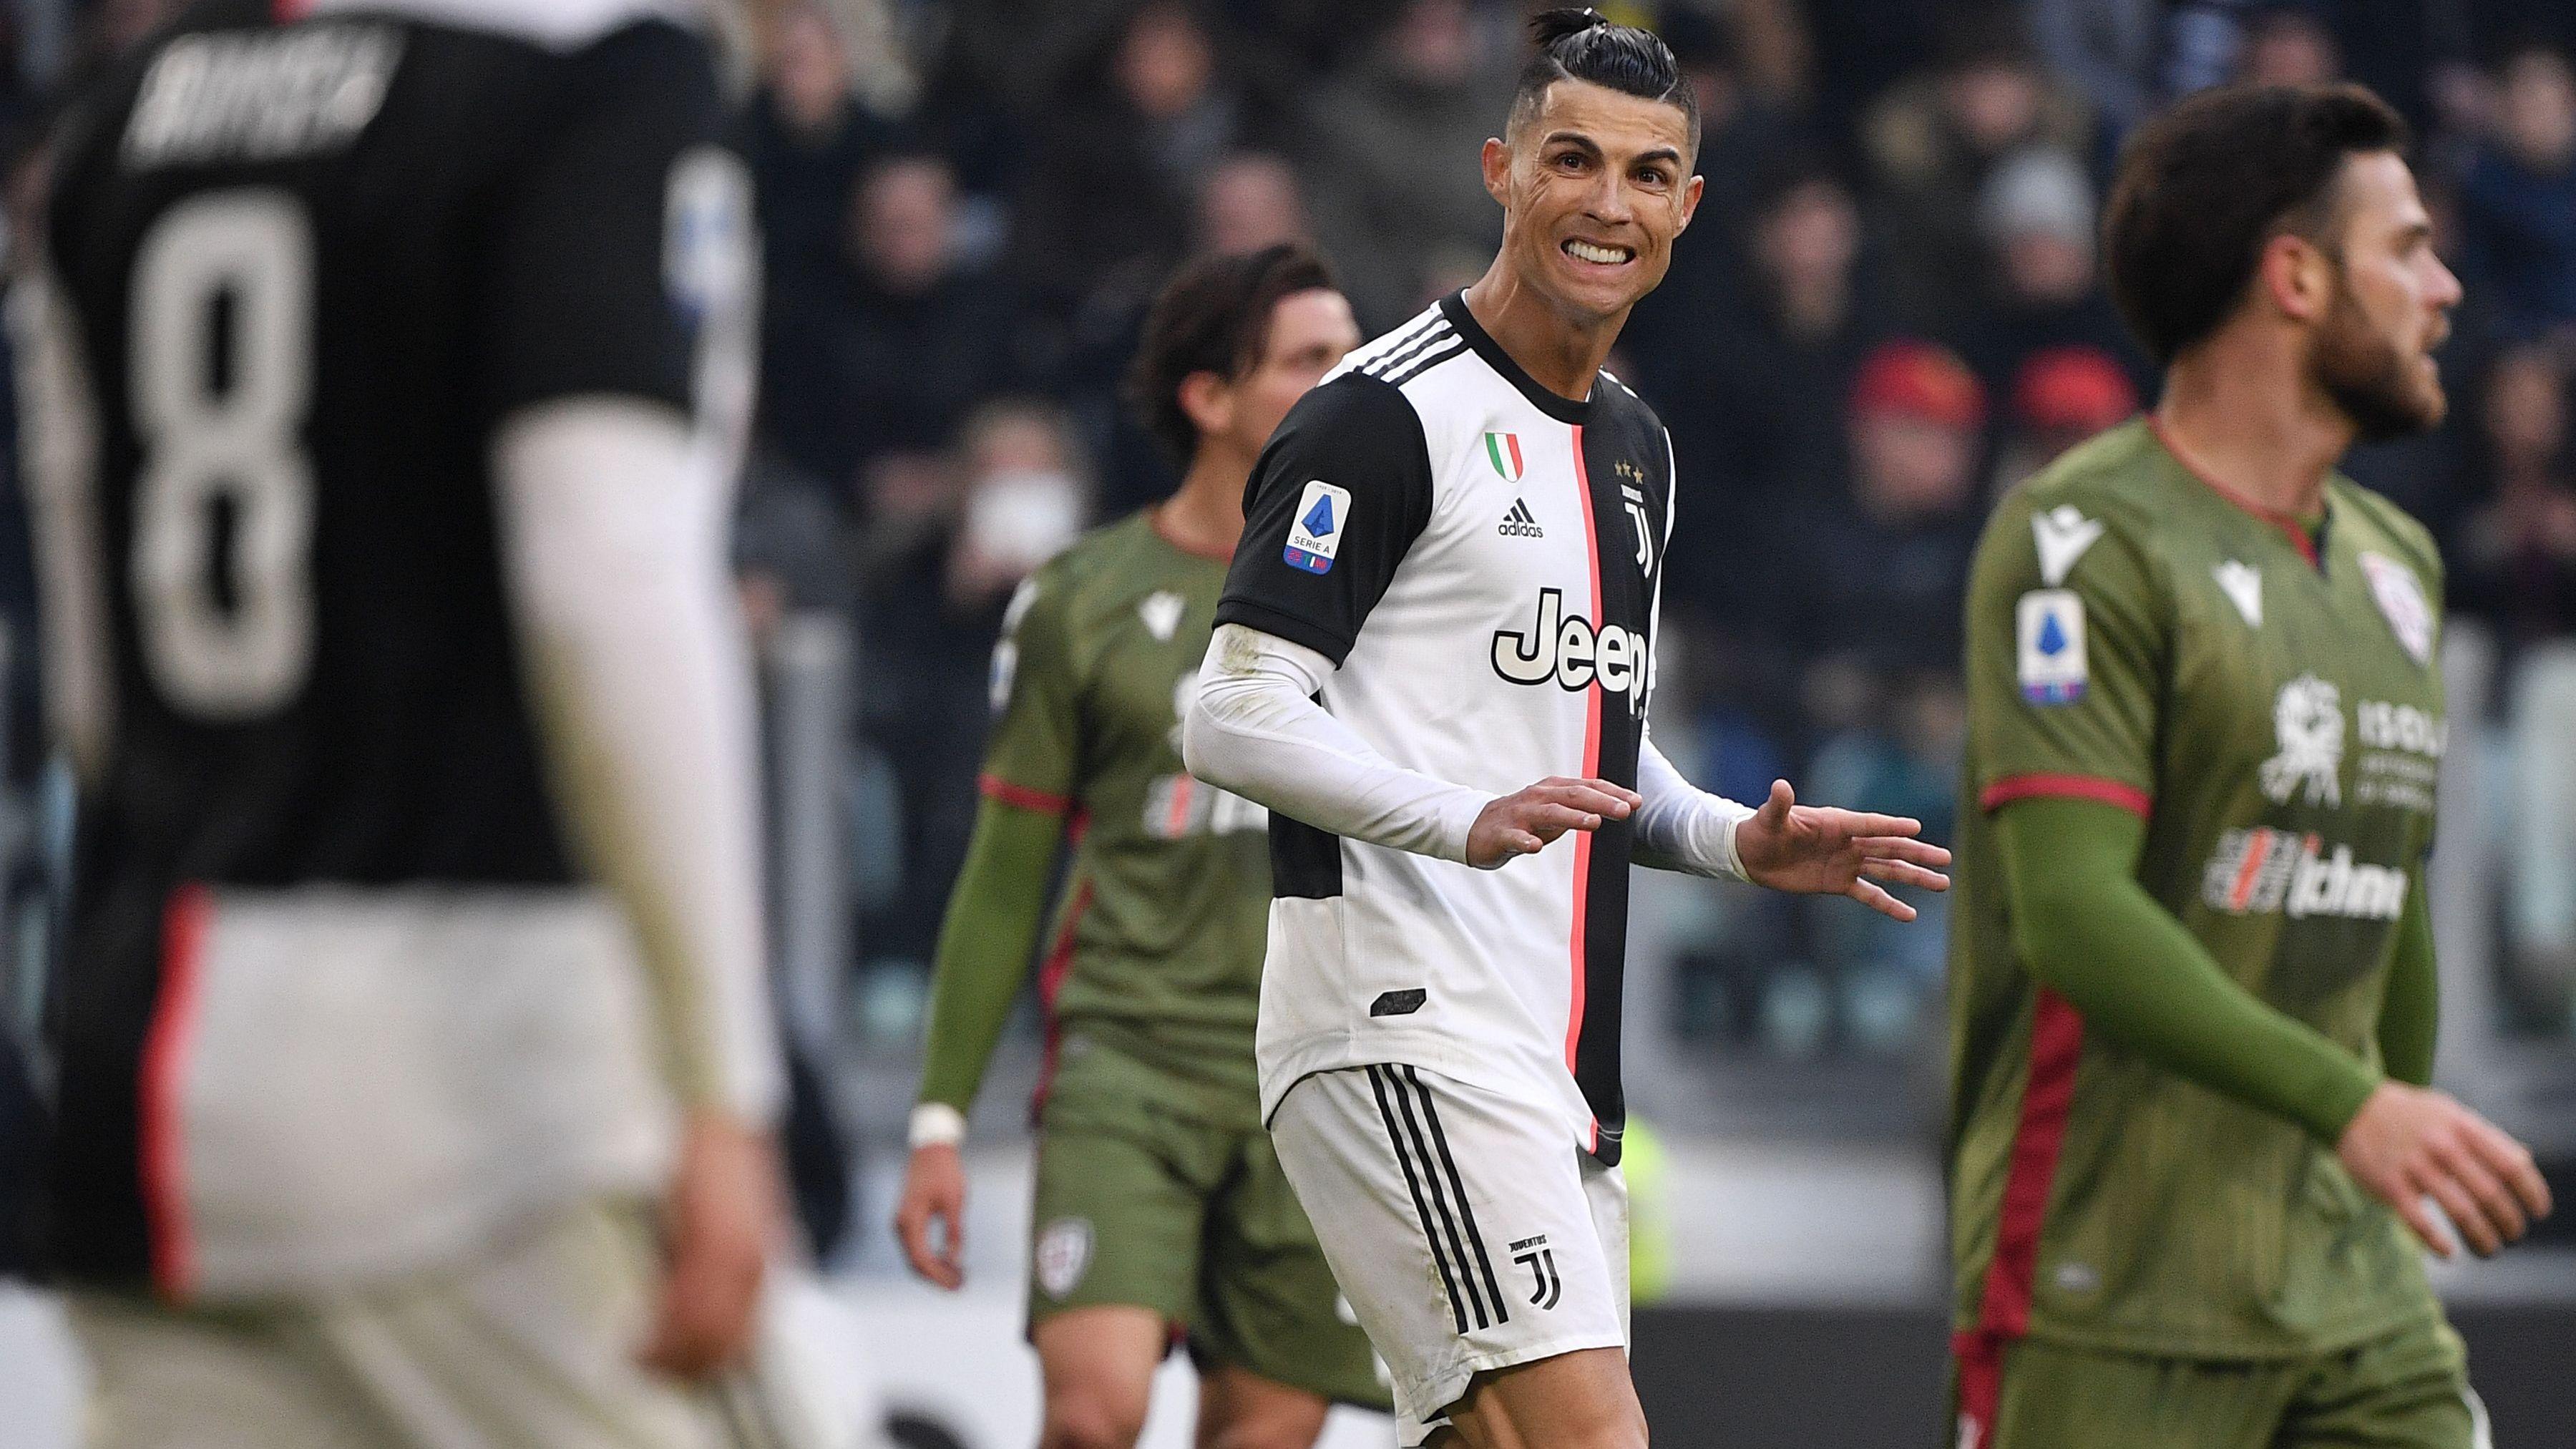 Laporan Pertandingan: Juventus vs Cagliari | Goal.com